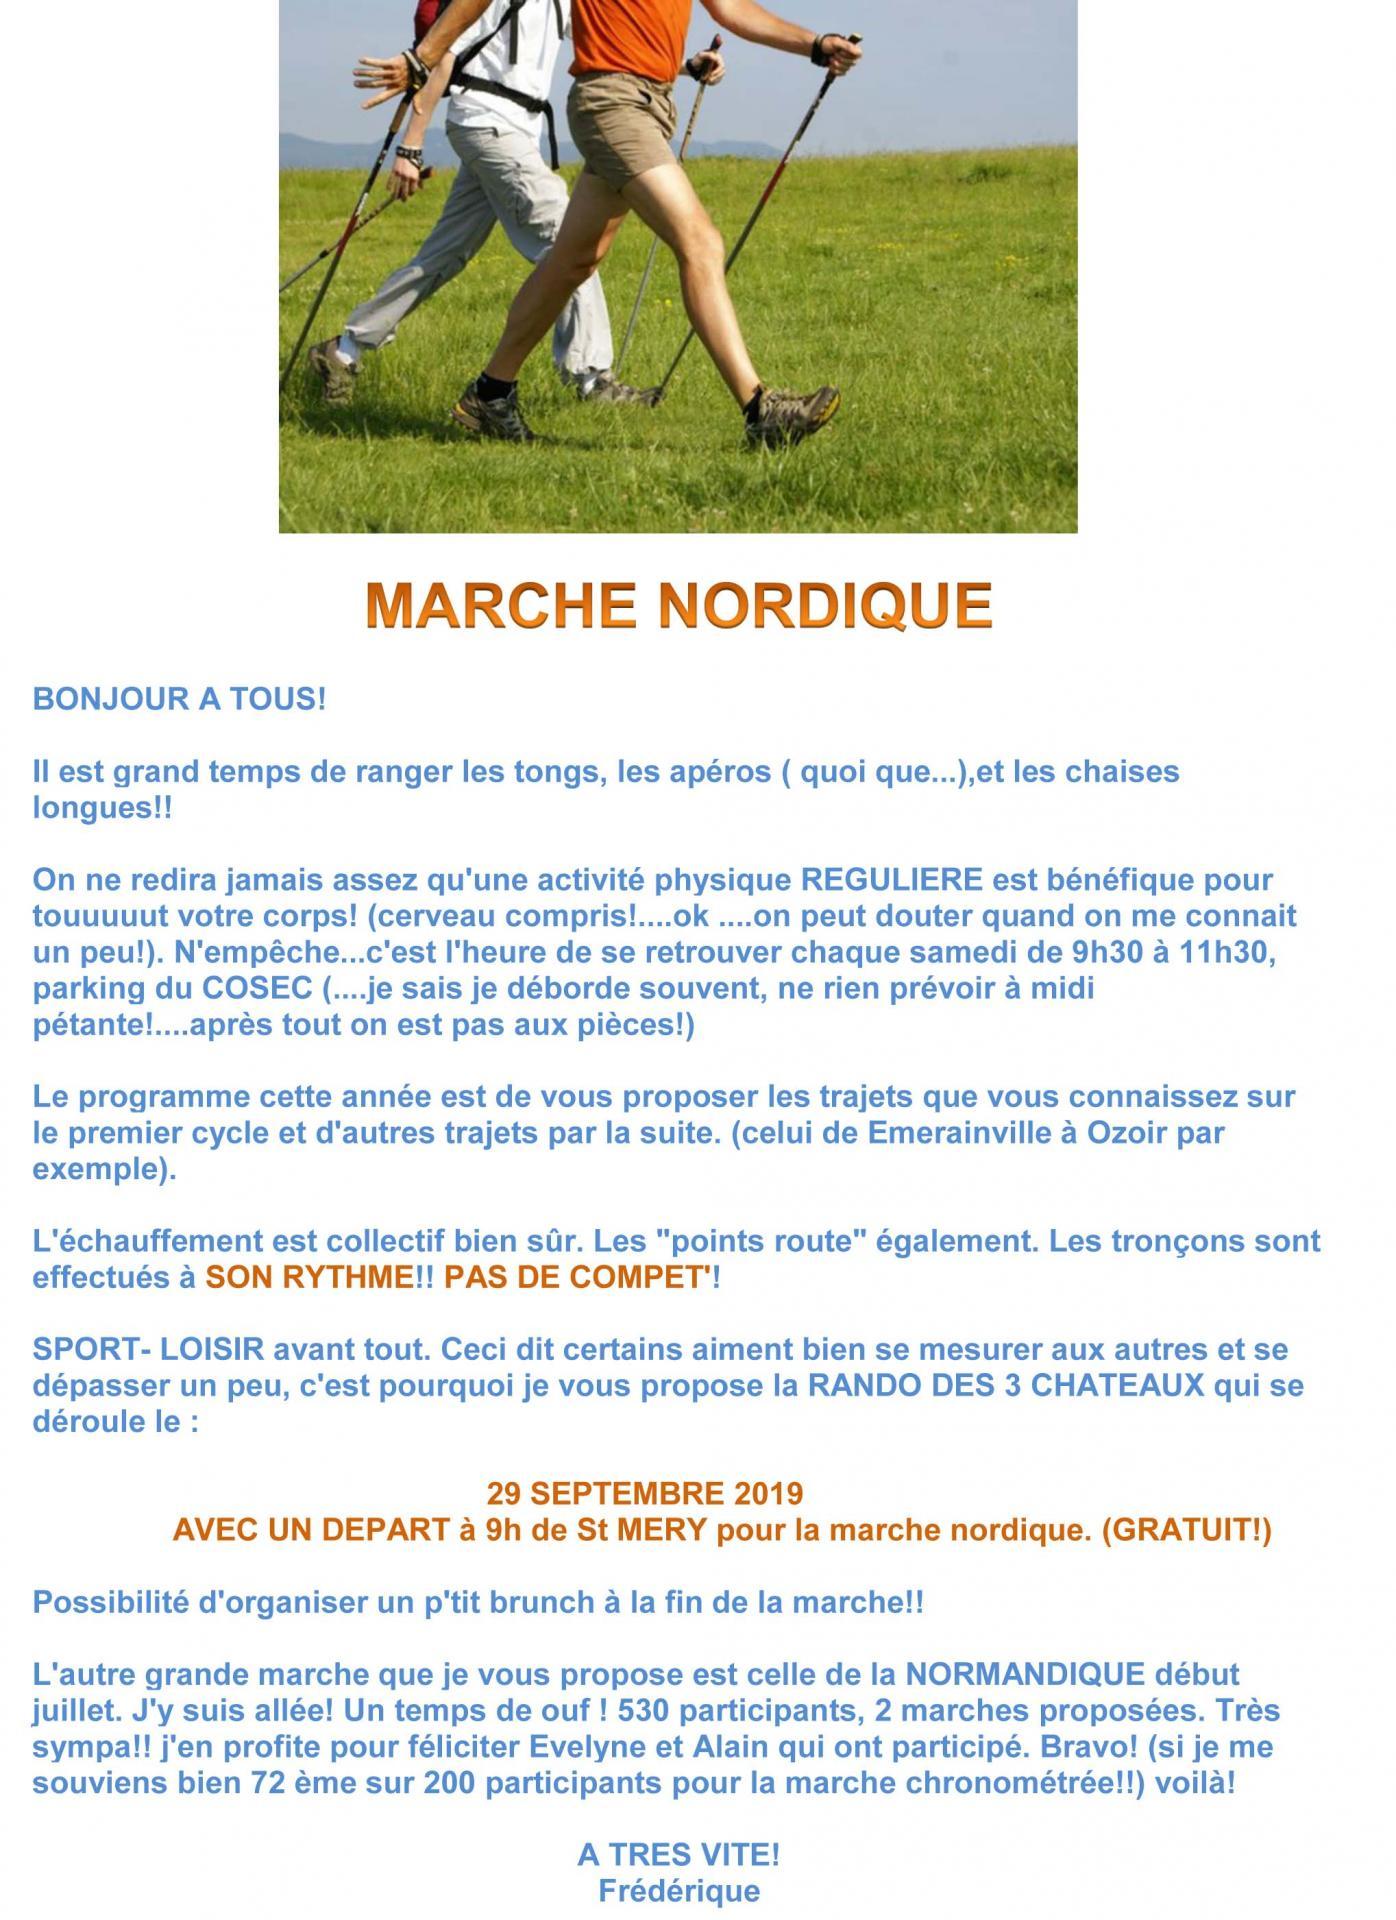 Marche nordiqu1